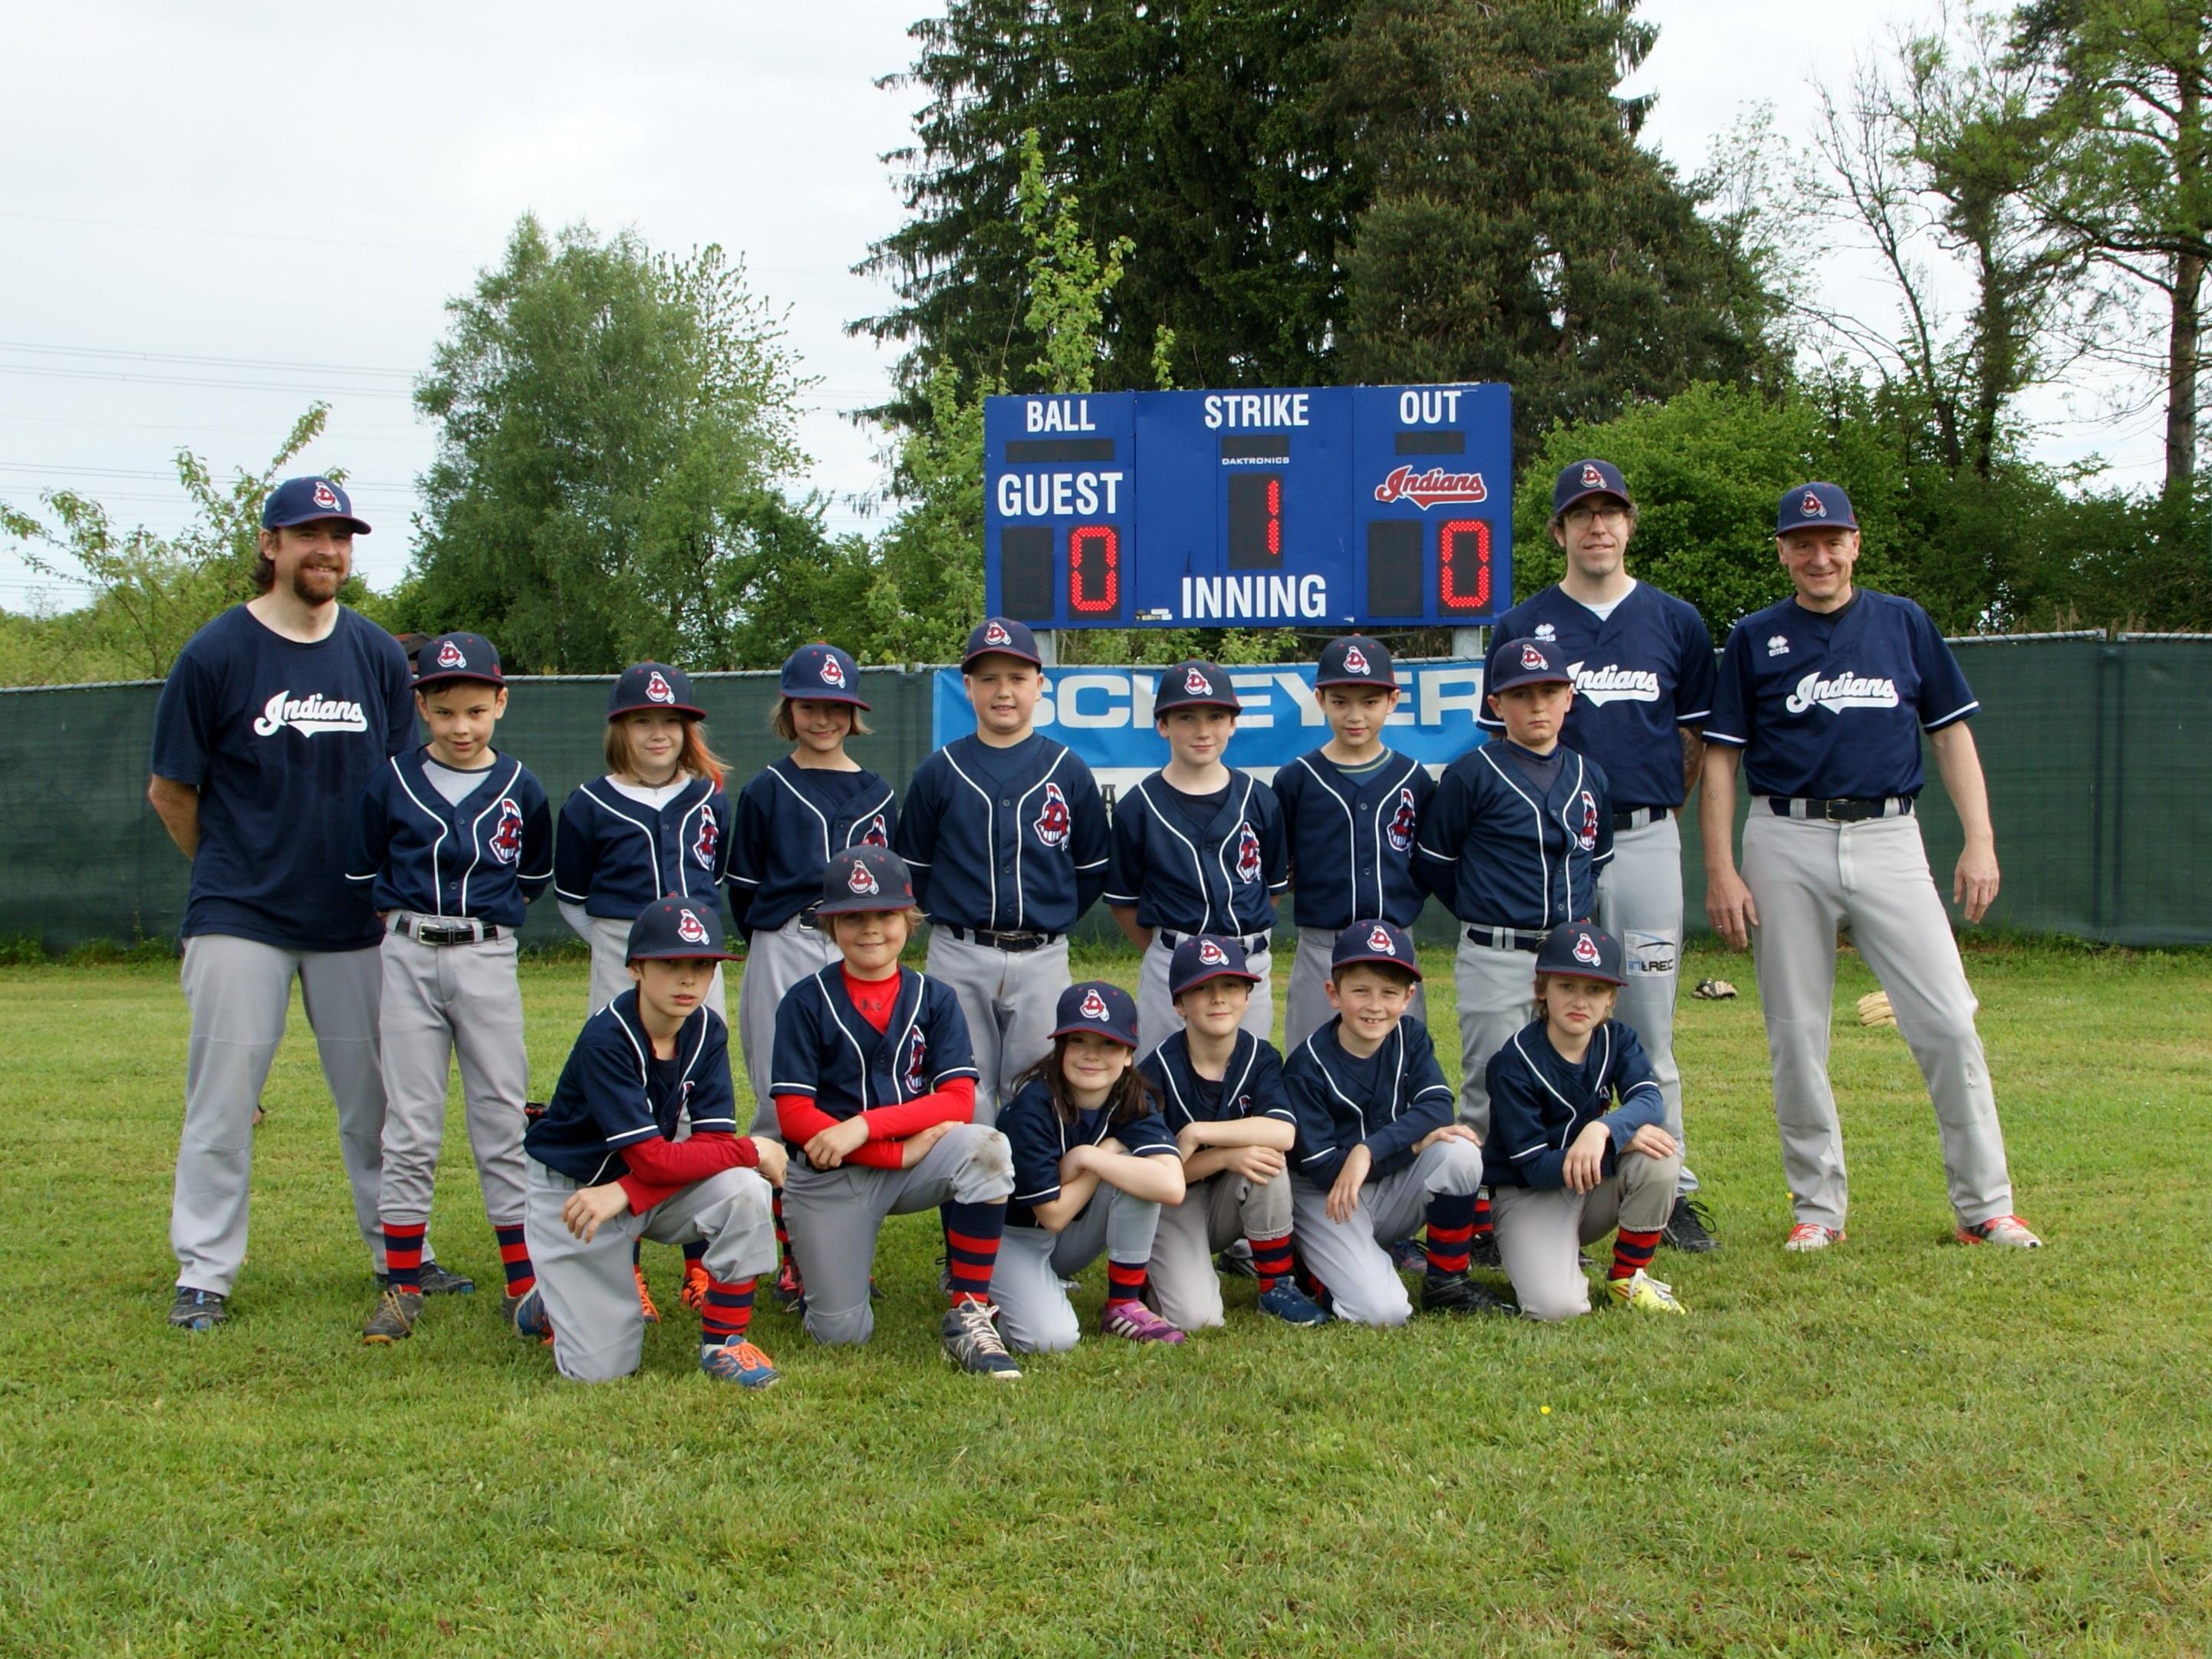 Groß und Klein (im Bild die U10 der Indians) beim BSC freut sich, dass man endlich einen professionellen Baseballplatz erhält.